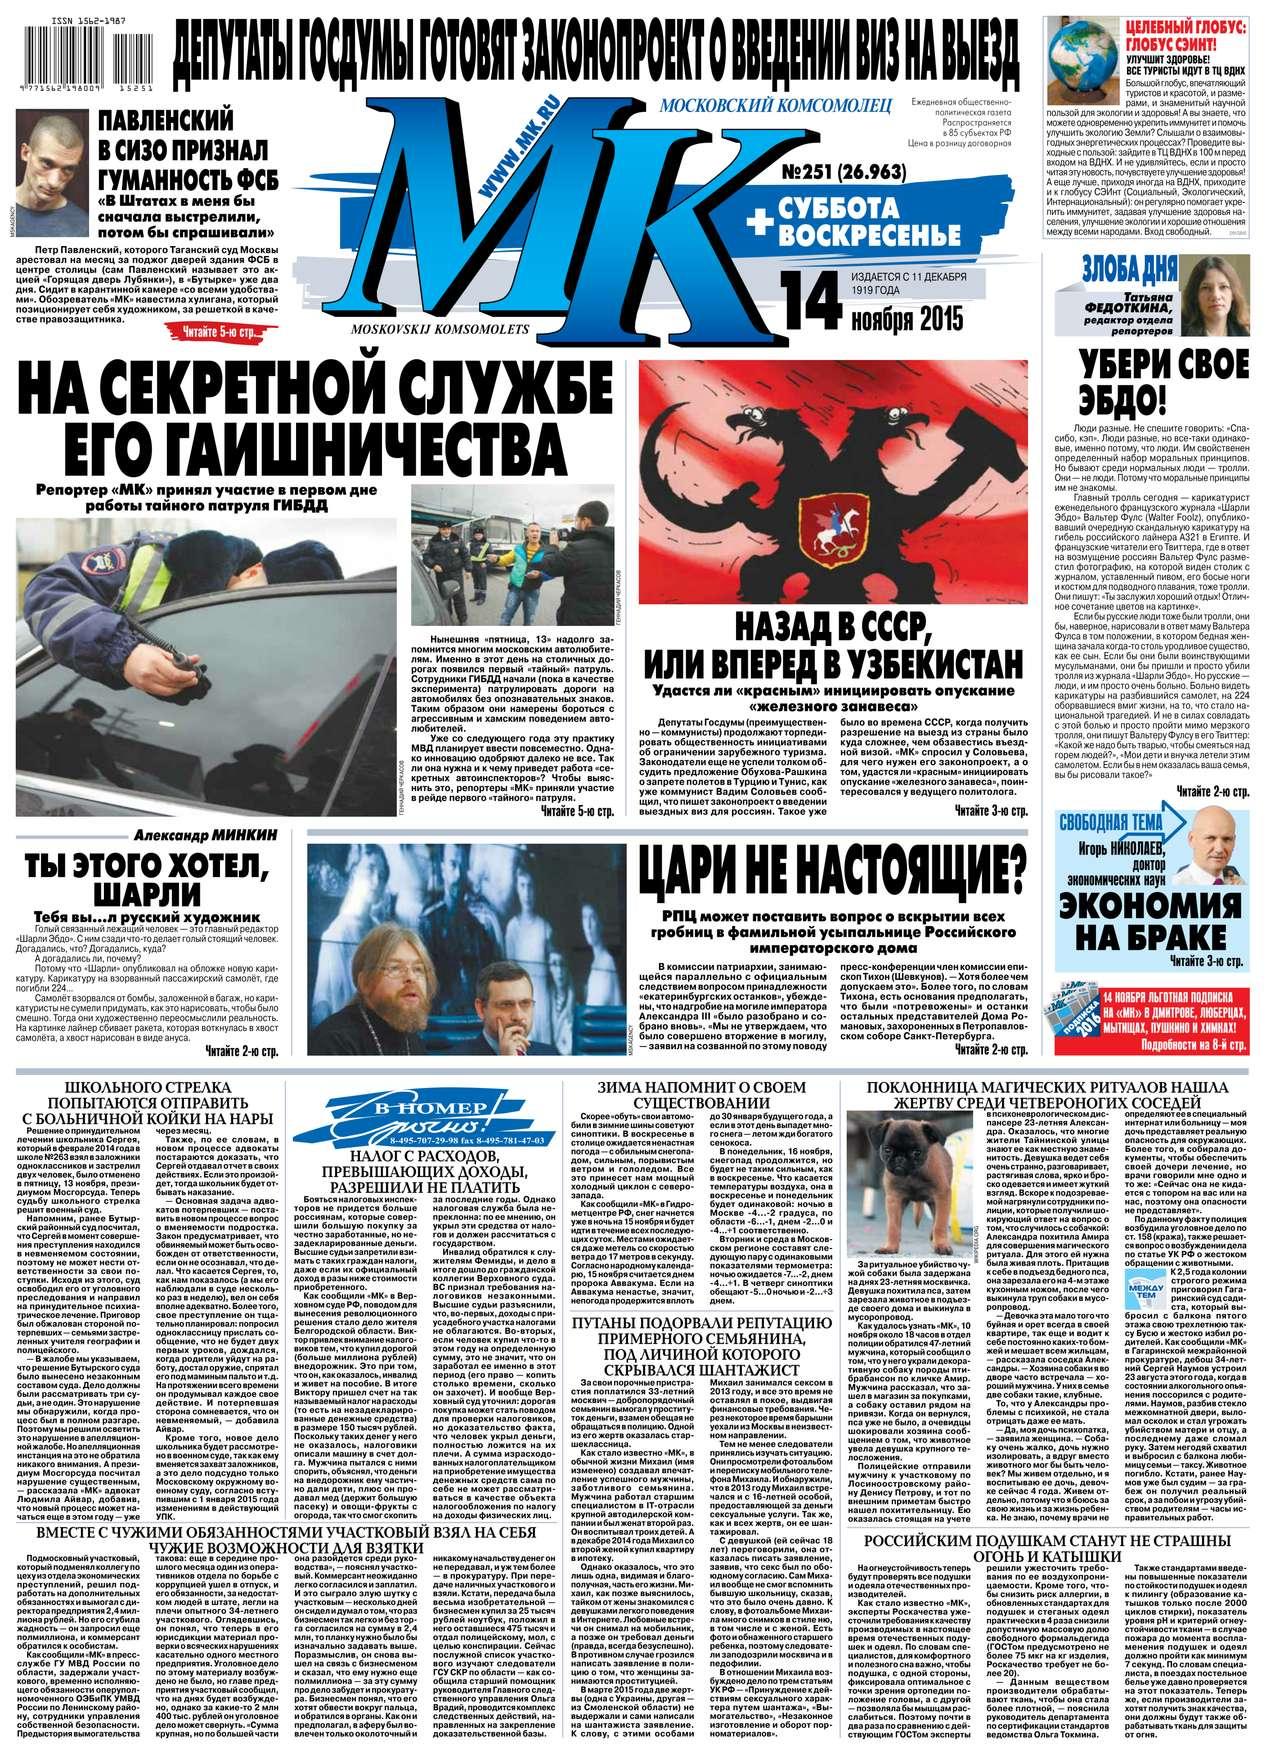 МК Московский Комсомолец 251-2015